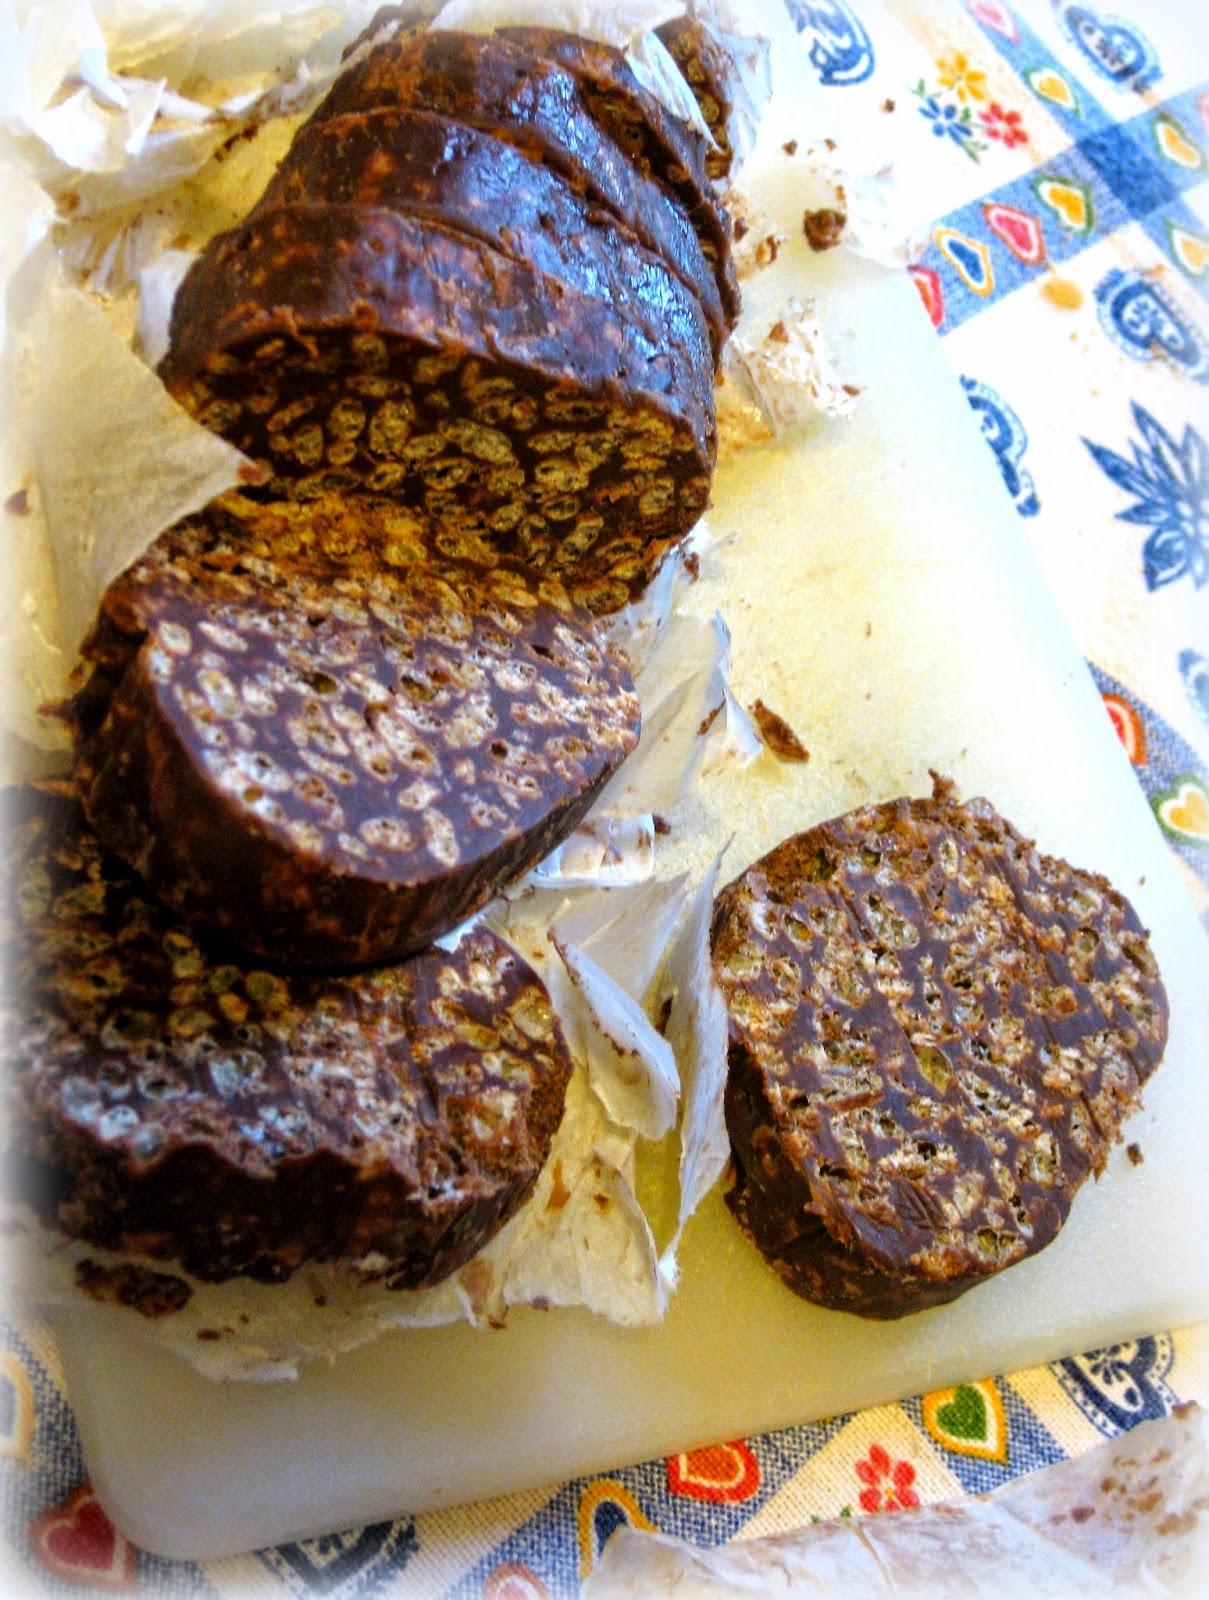 La ricetta del Salame di Cioccolato con Riso Soffiato è perfetta per gli intolleranti alle uova. Super buona e veloce da preparare.